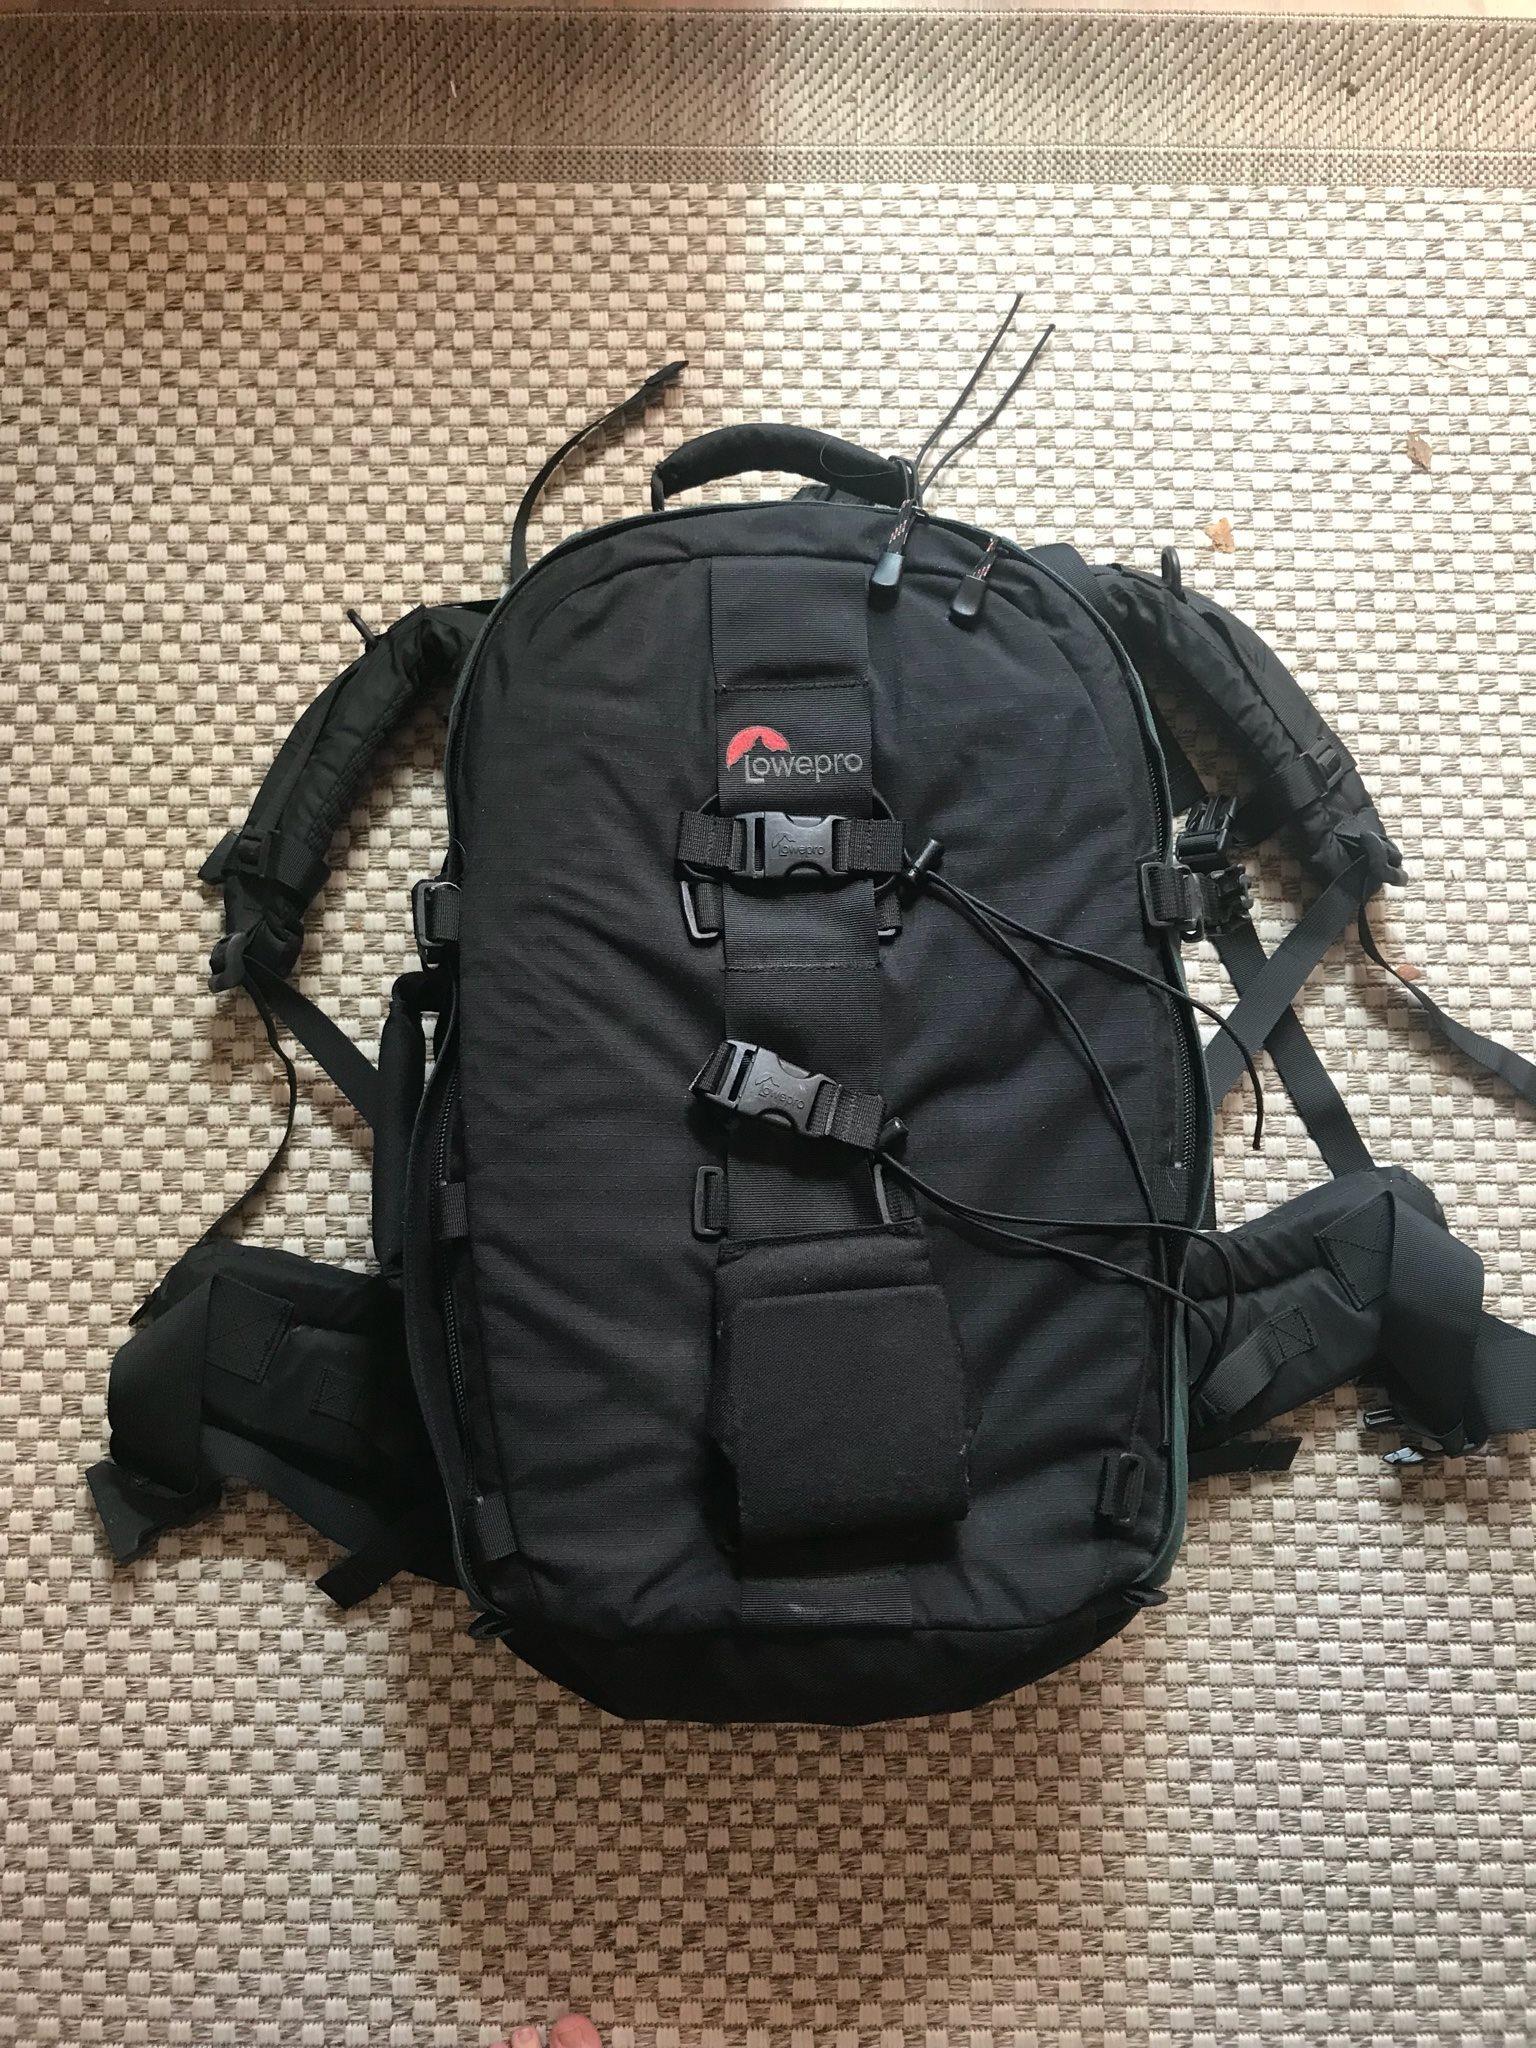 Lowepro Fotoryggsck Pro Trekker Aw 319407173 Kp P Tradera Orion